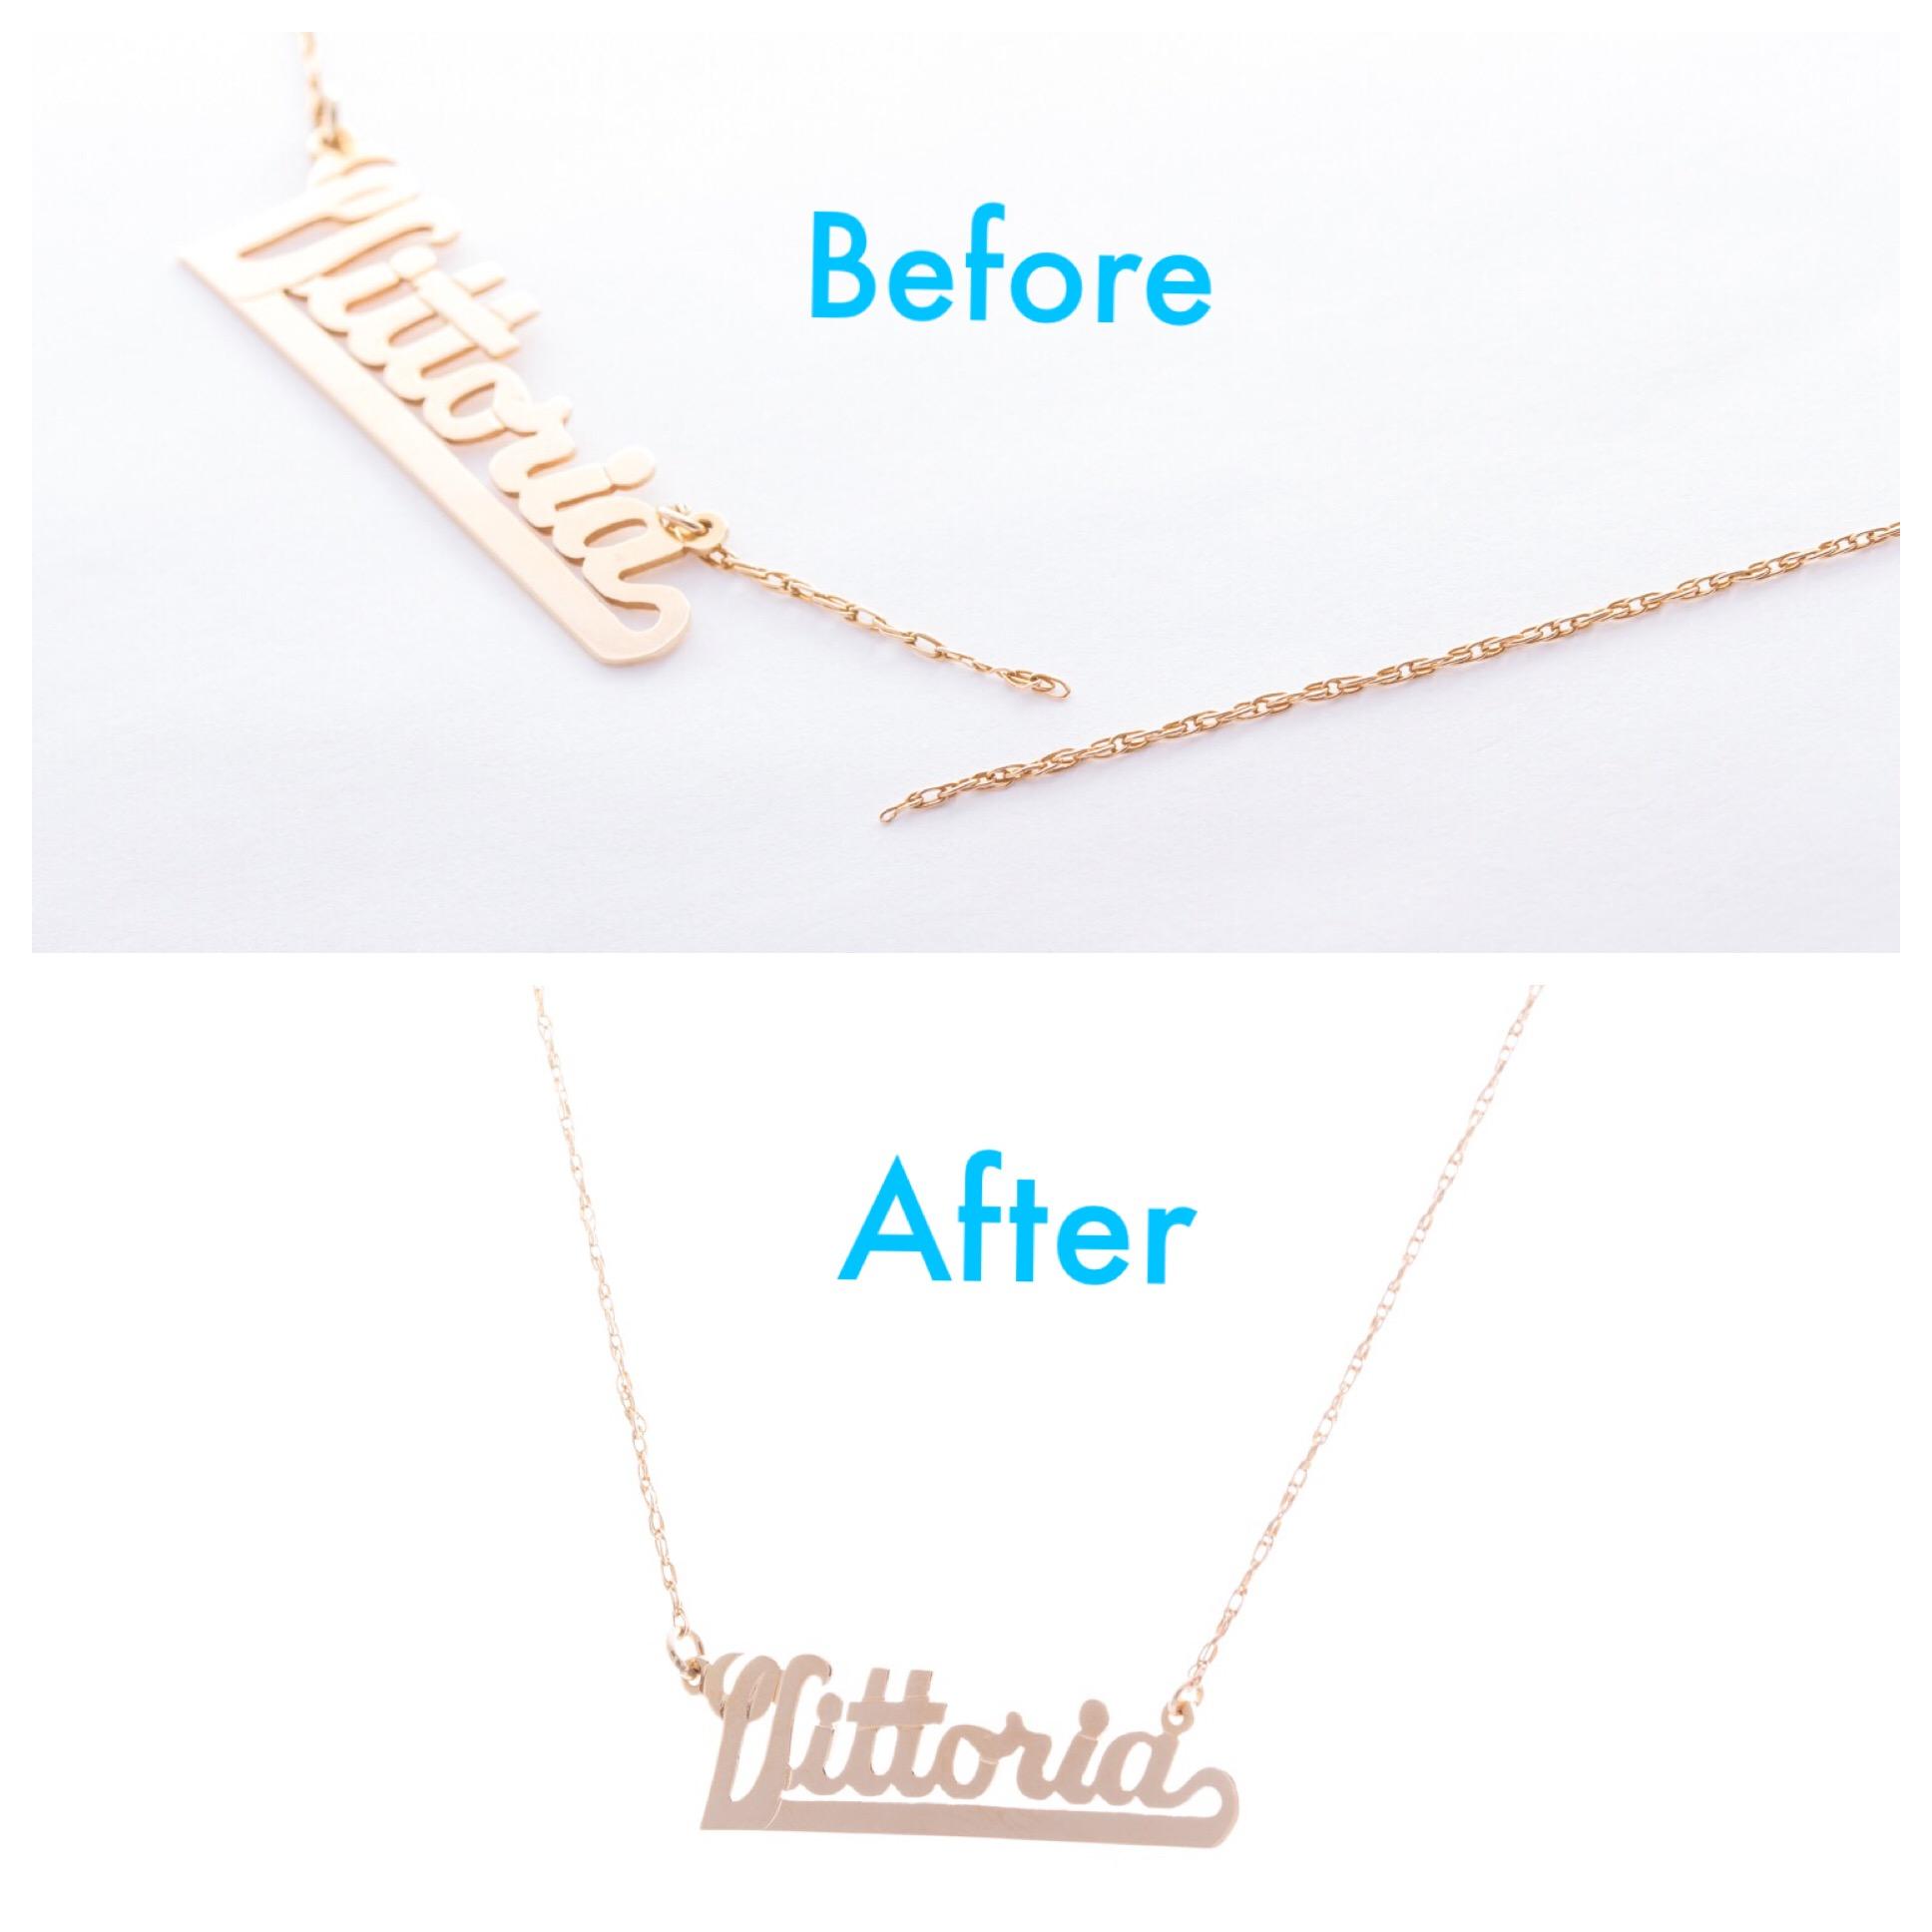 broken-chain-repair